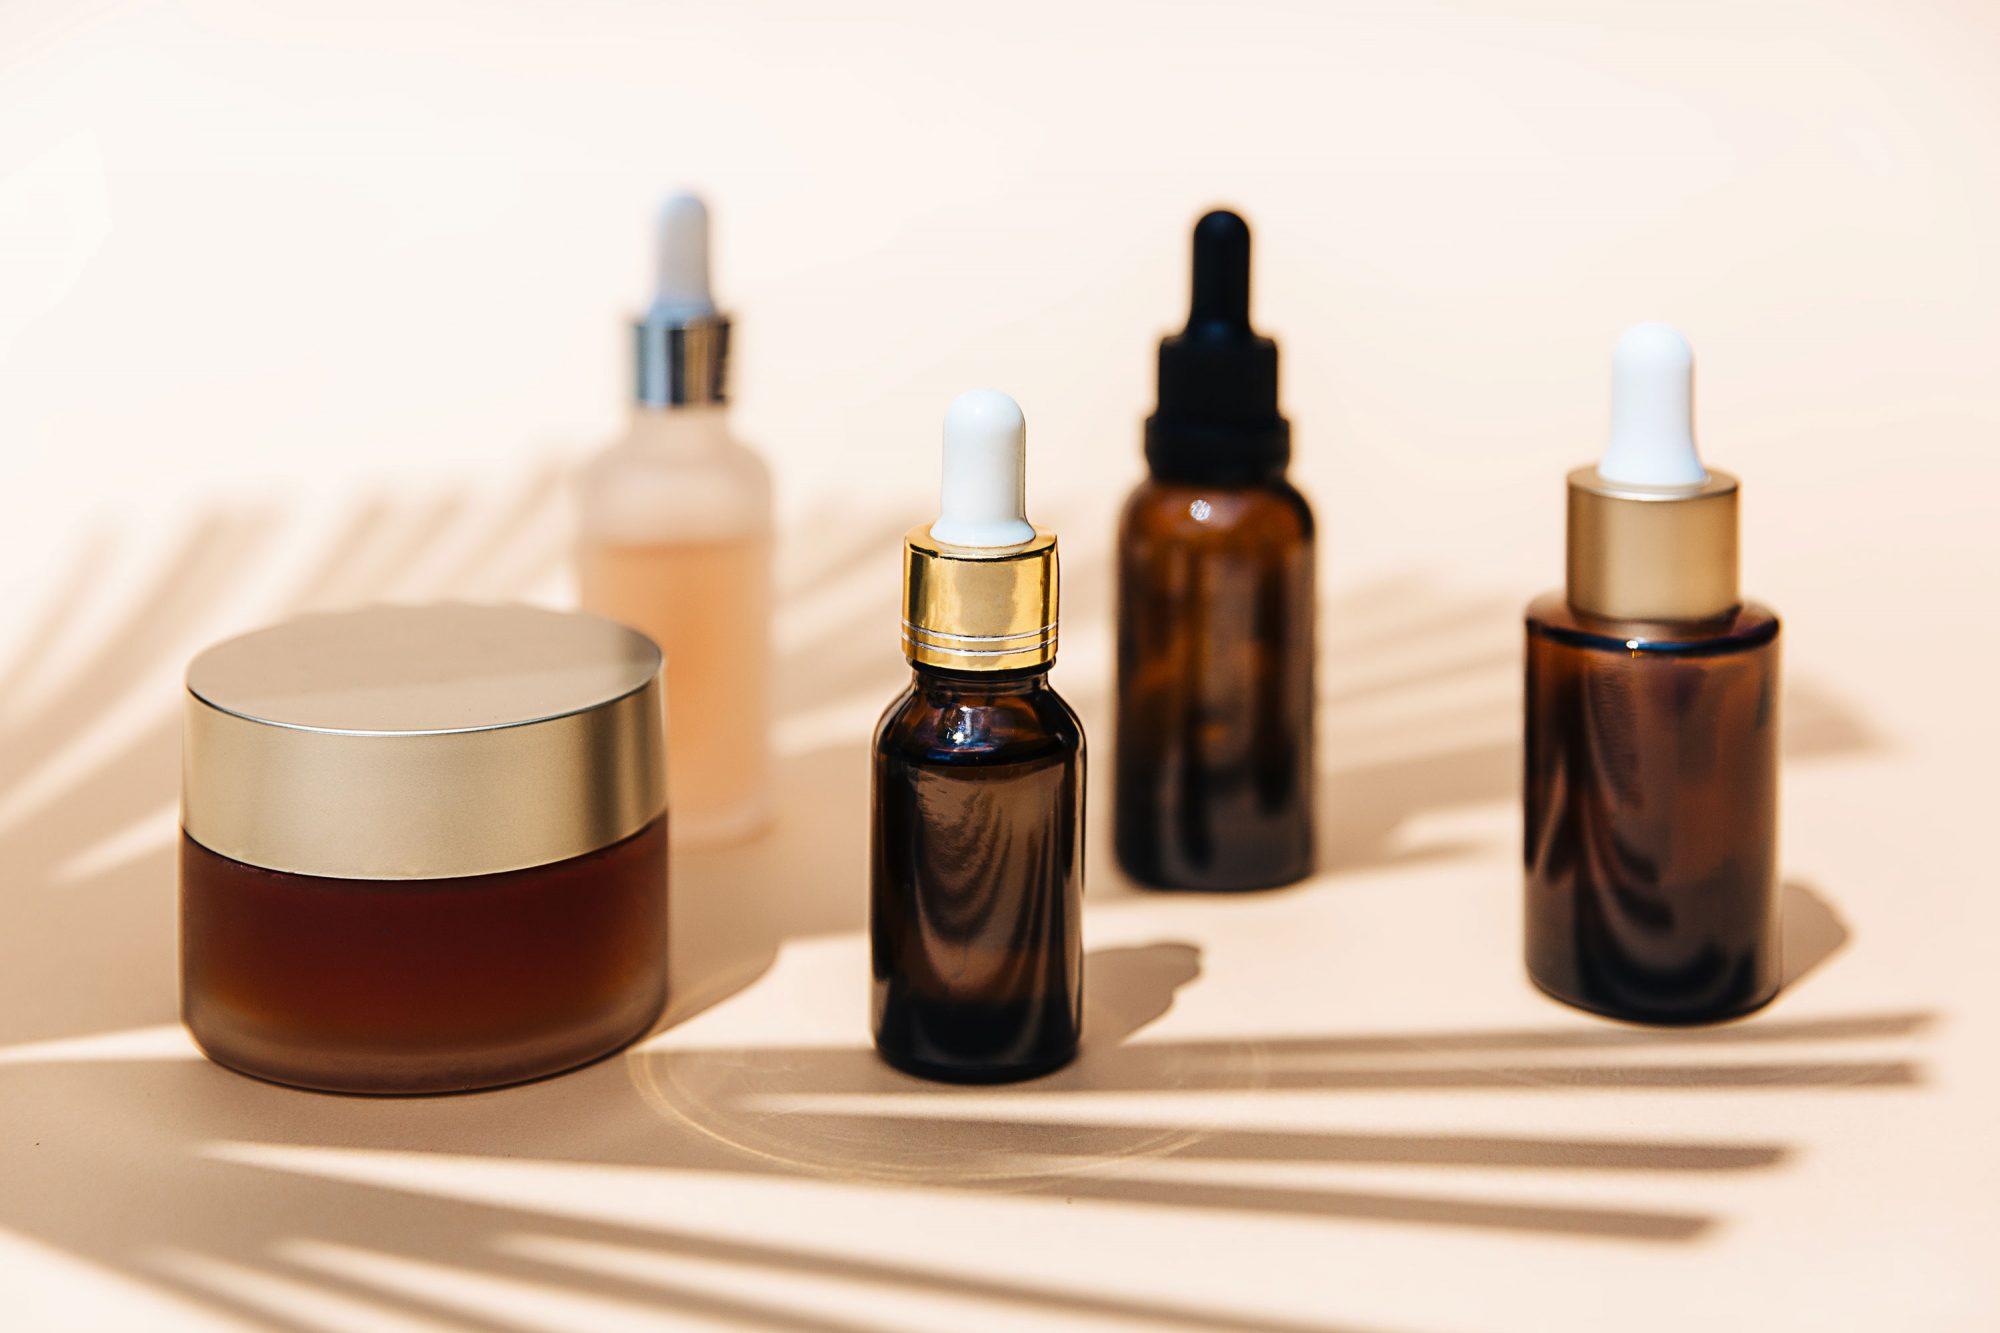 sky organics castor oil amazon